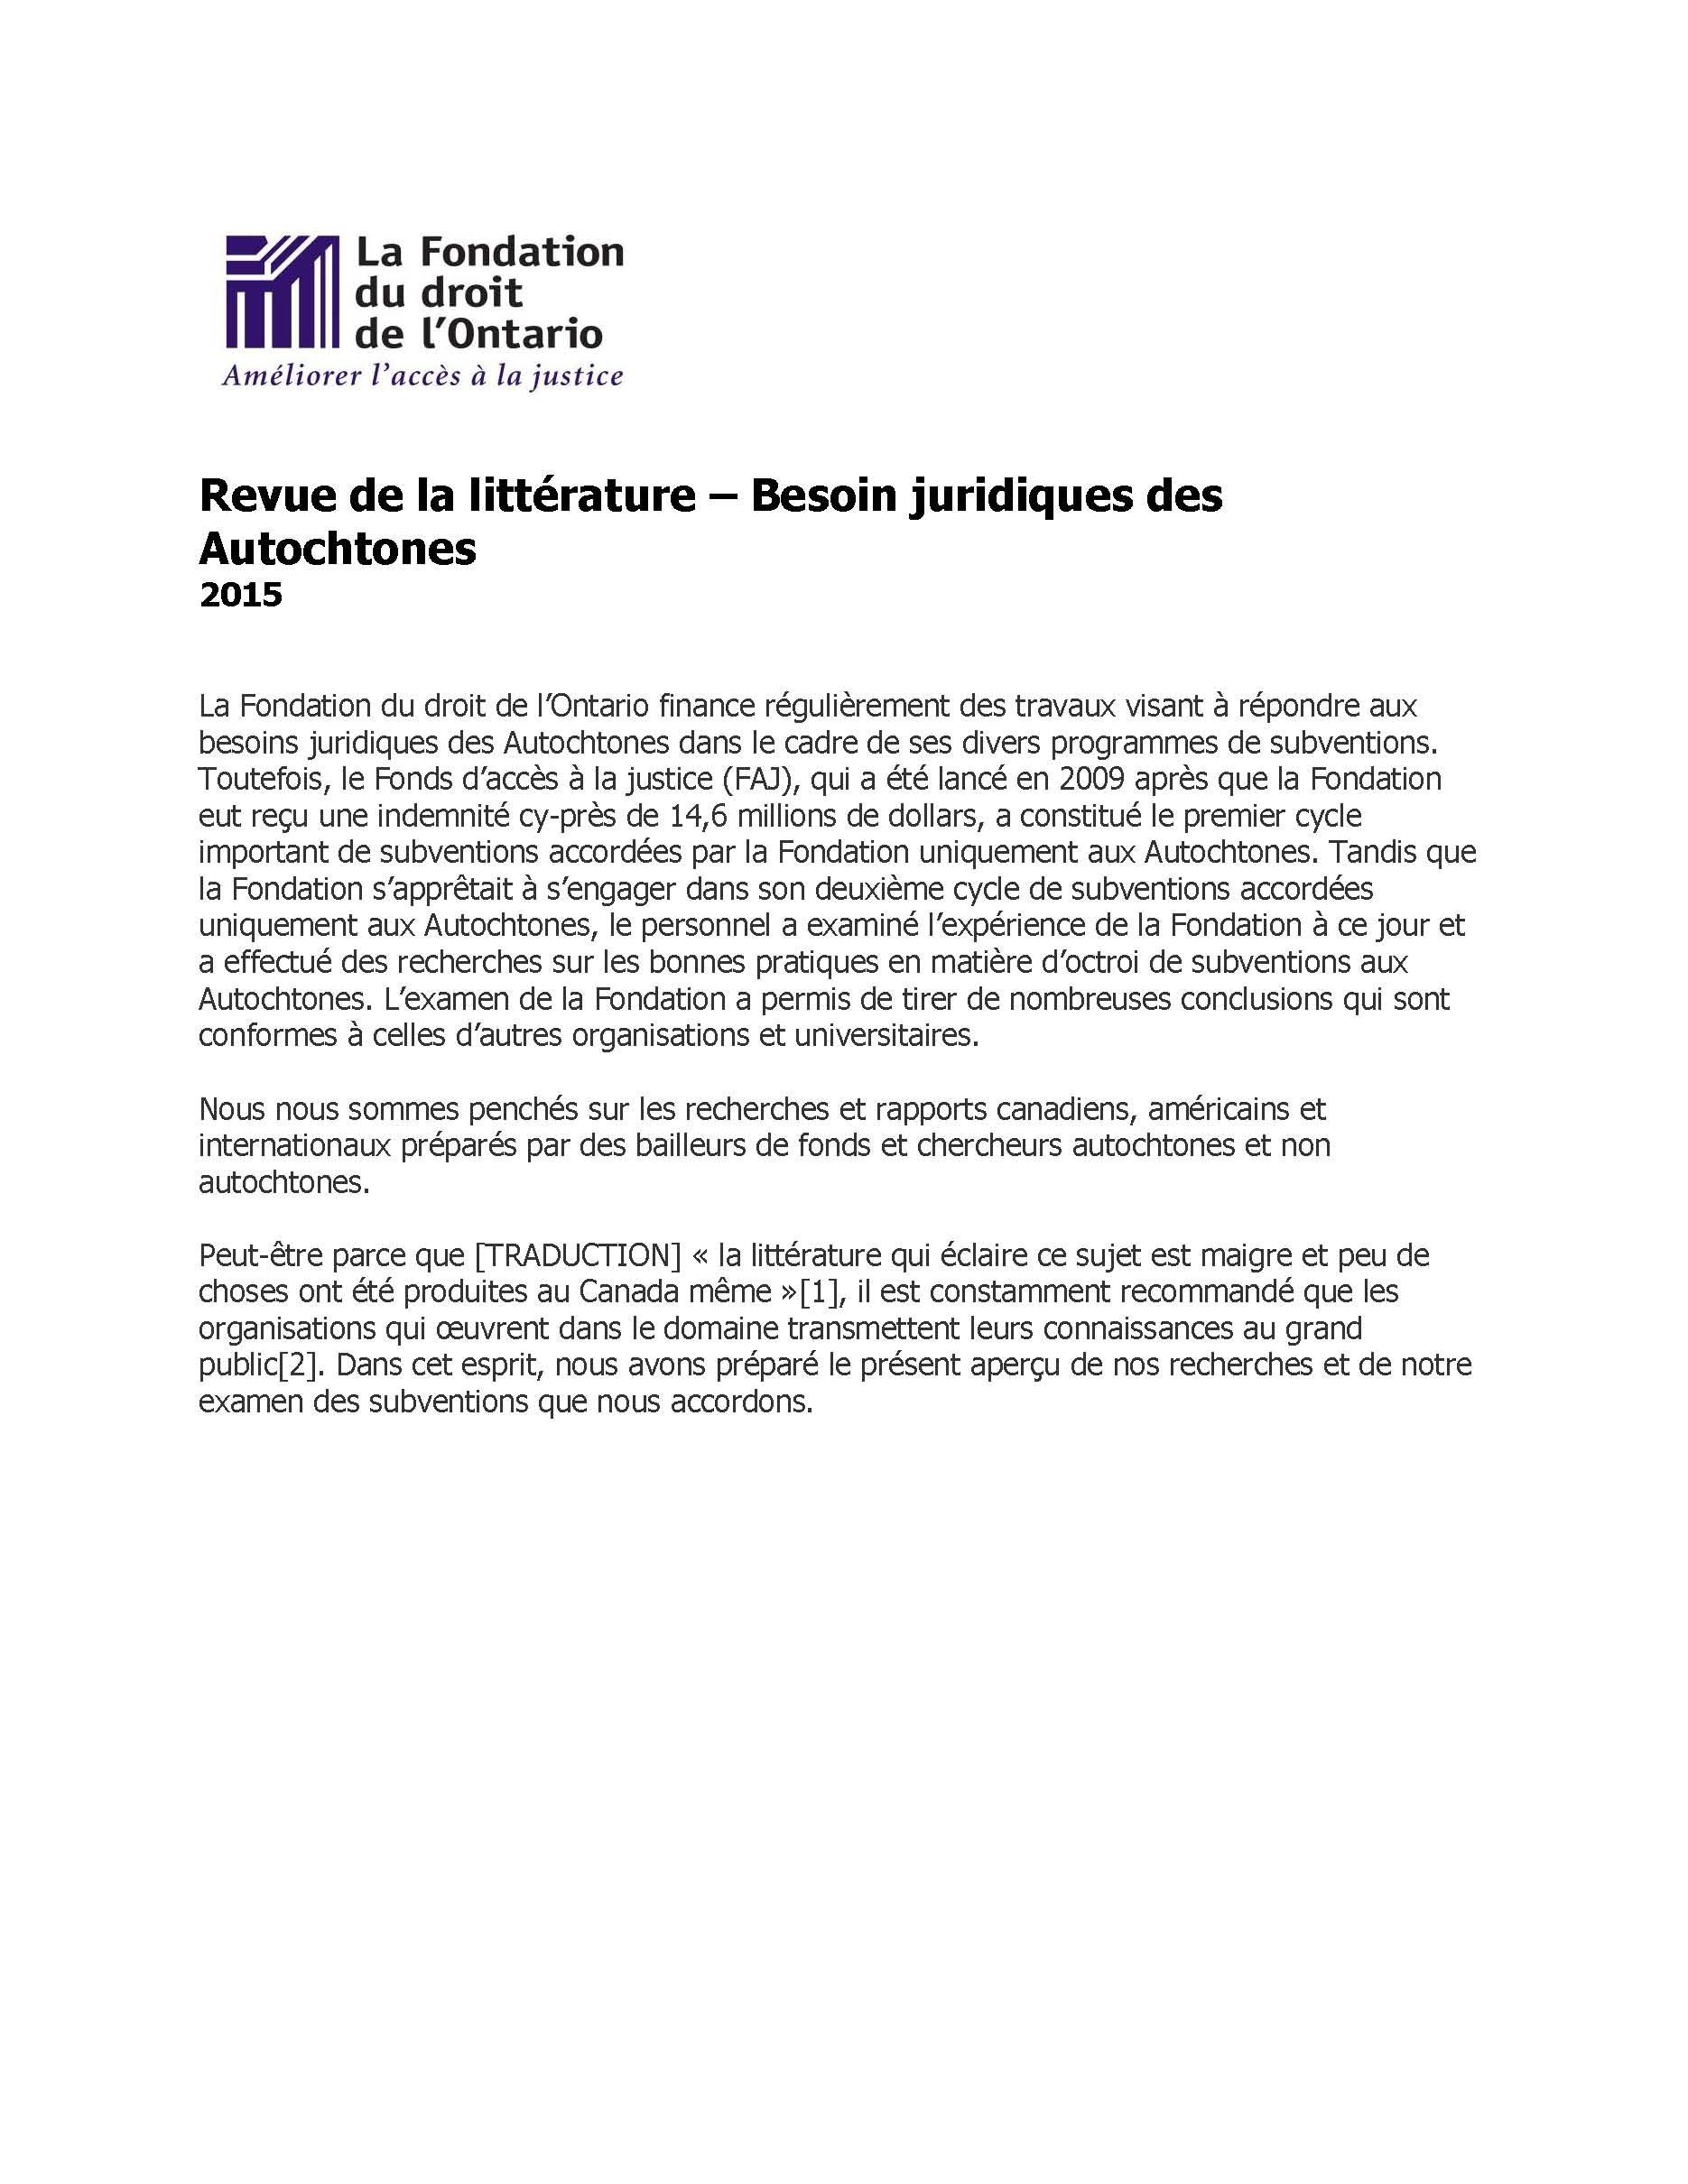 Revue de la littérature – Besoin Juridiques des Autochtones (2015)